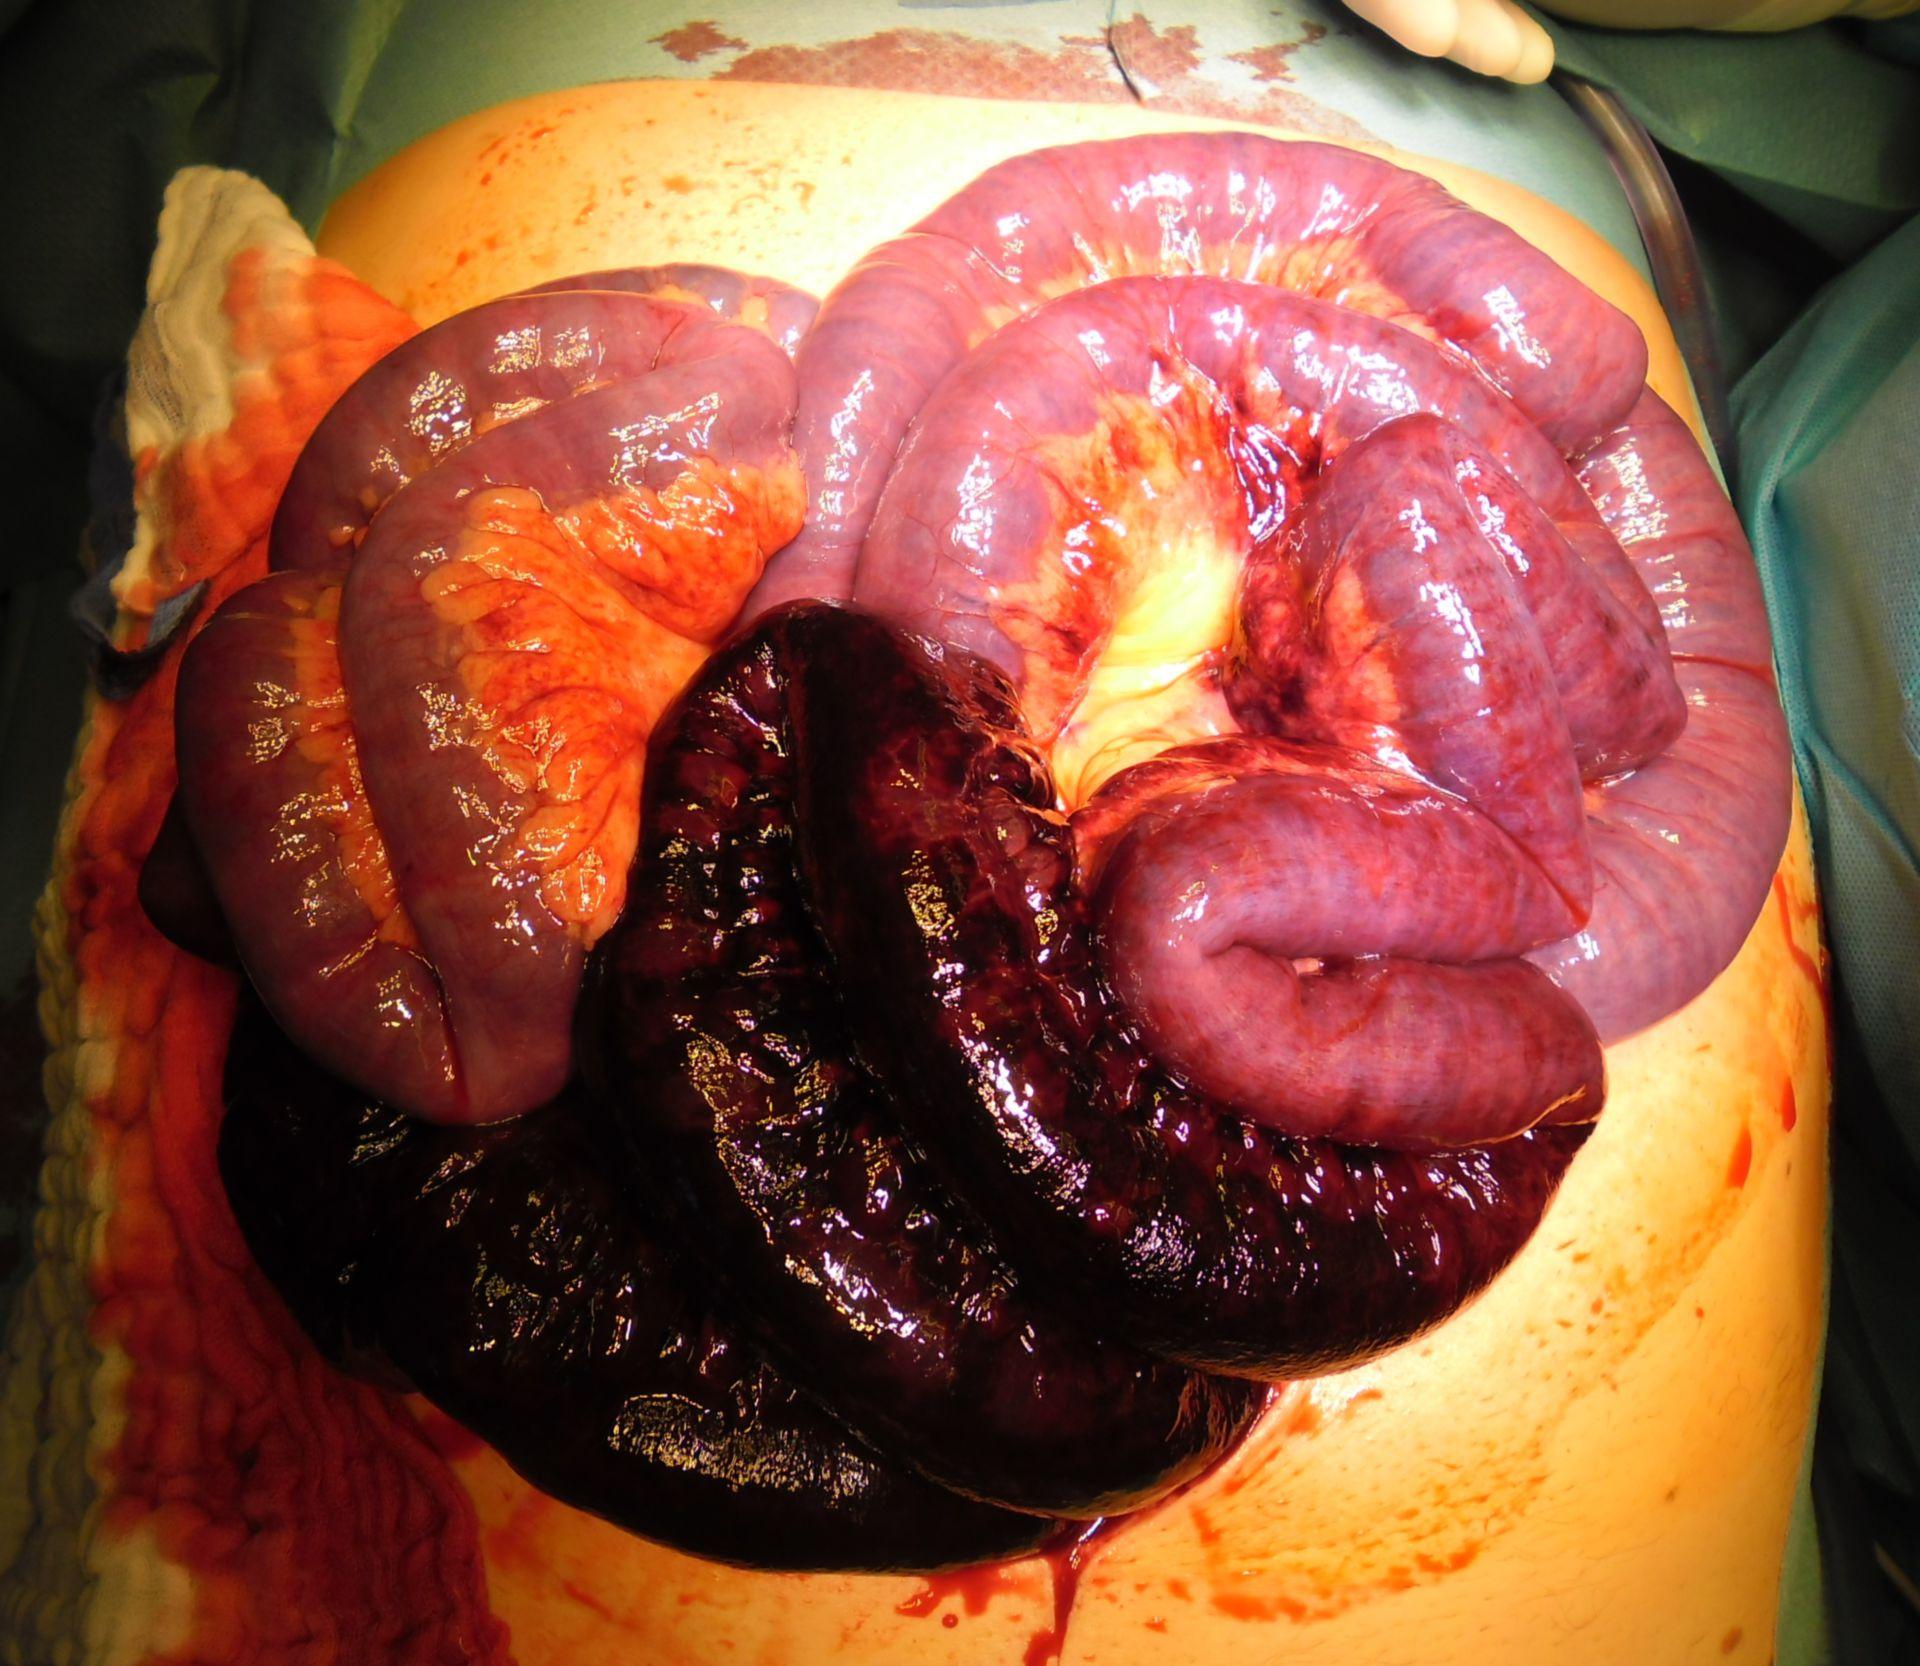 El vólvulo del intestino delgado - shock séptico